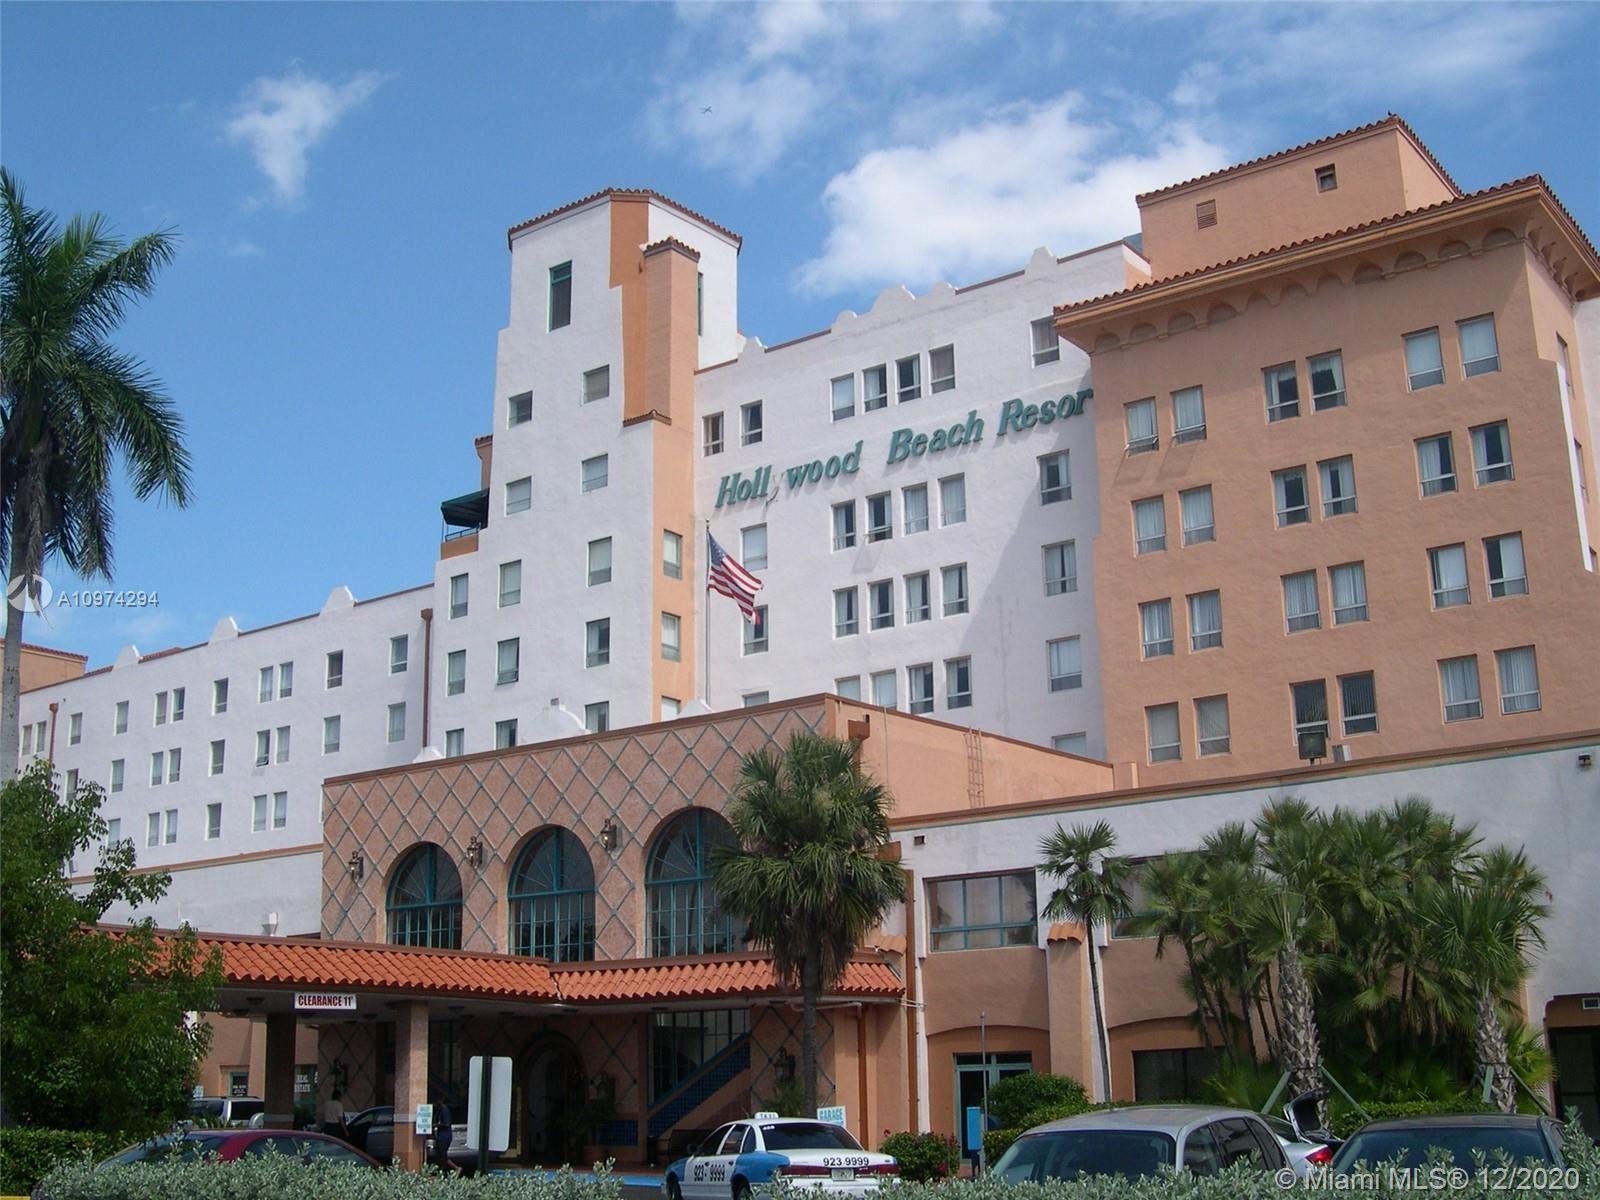 101 N Ocean Dr #428, Hollywood, FL 33019 - #: A10974294